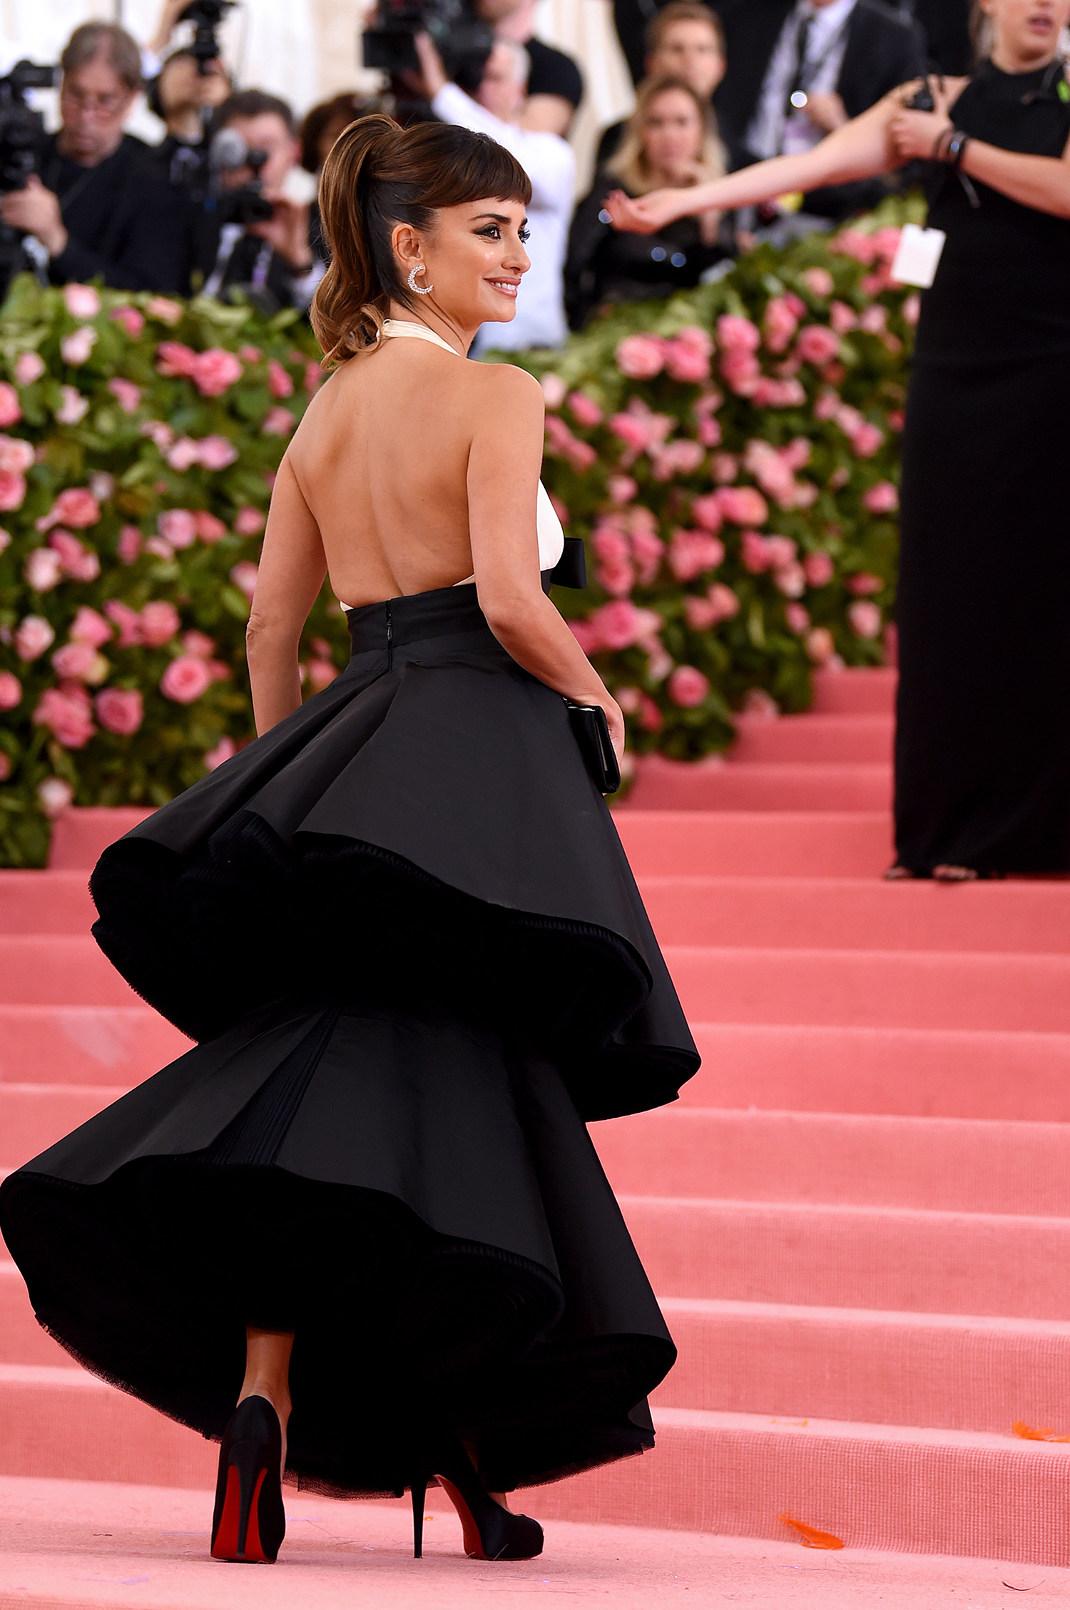 Η ανοιχτή πλάτη του Chanel φορέματος της Πενέλοπε Κρουζ στο Met Gala 2019